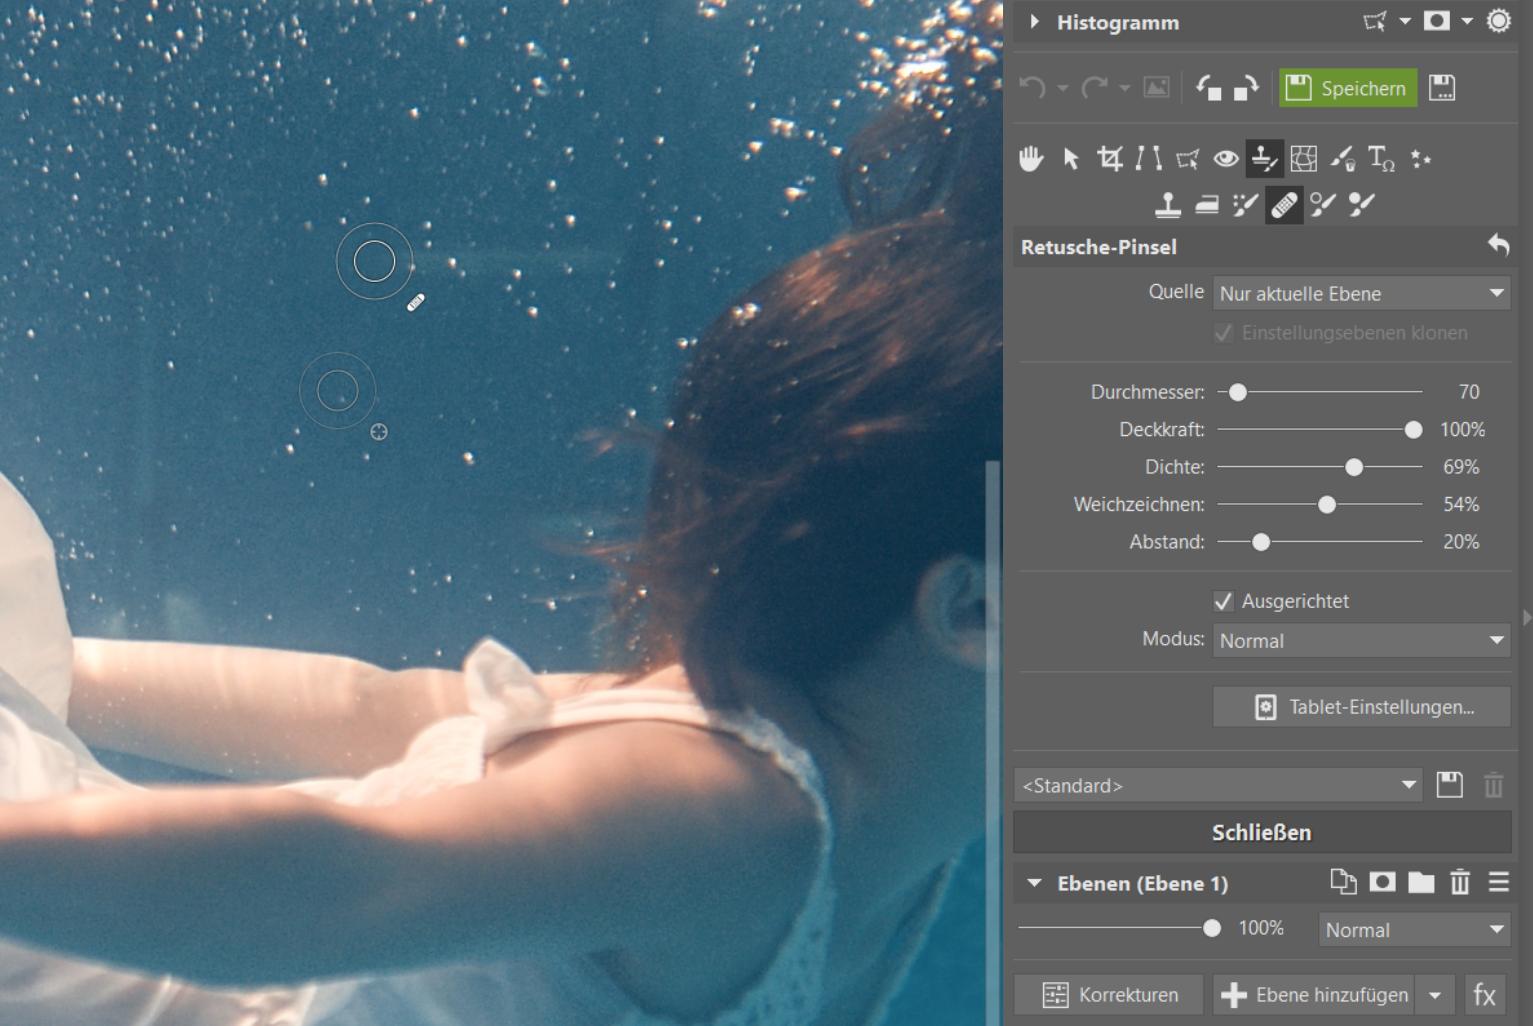 Unterwasserfotografie: Wie man Unterwasserfotos bearbeitet, damit sie lebendig wirken